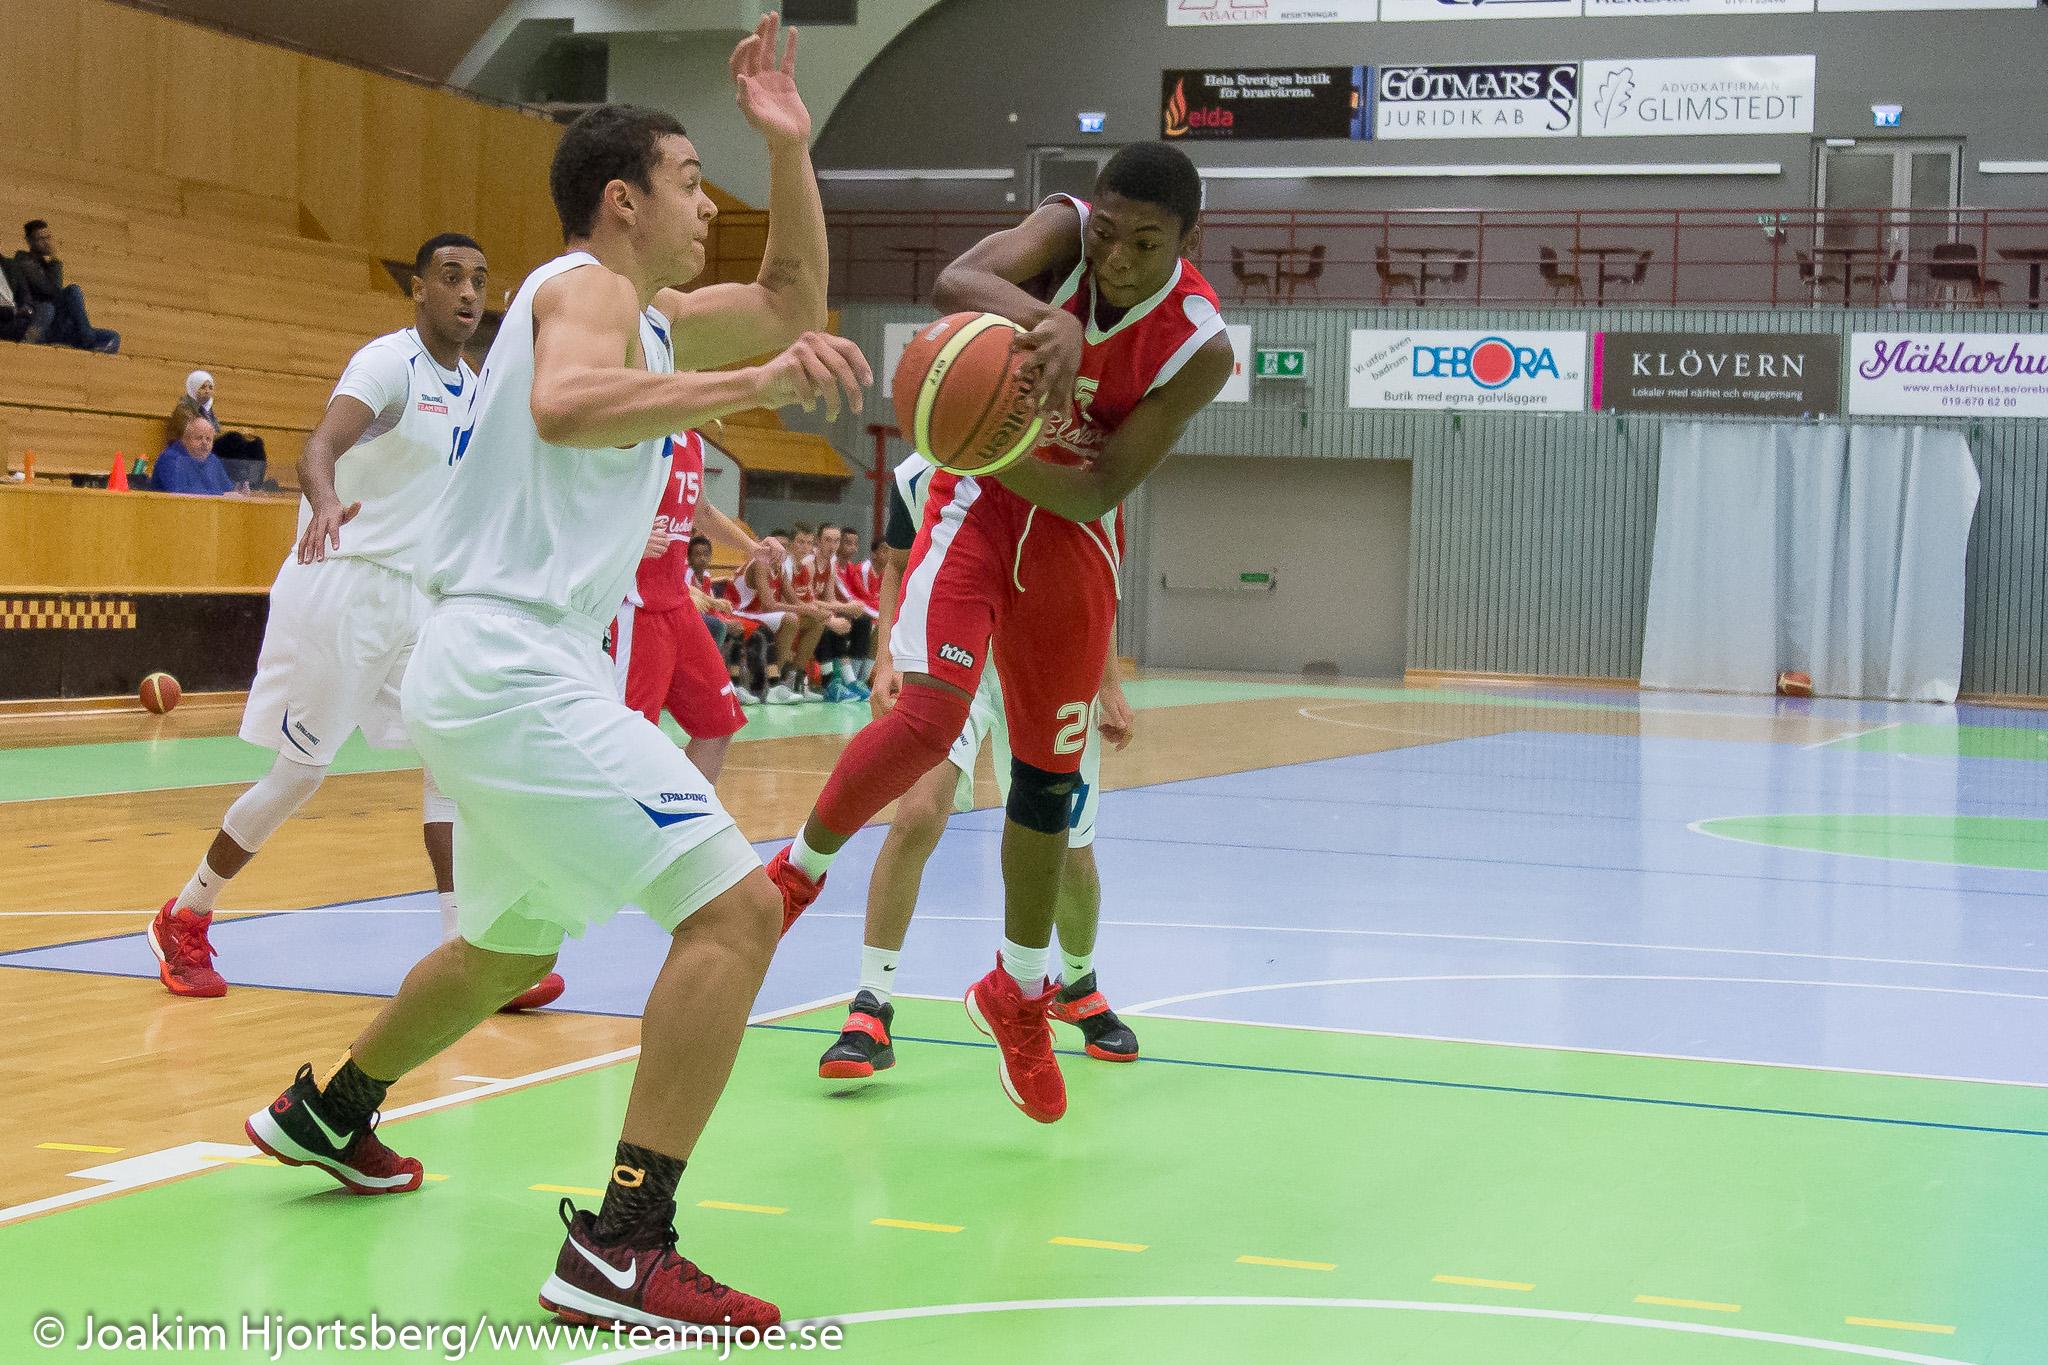 2016-11-06 KFUM Örebro Basket-KFUM Vällingby